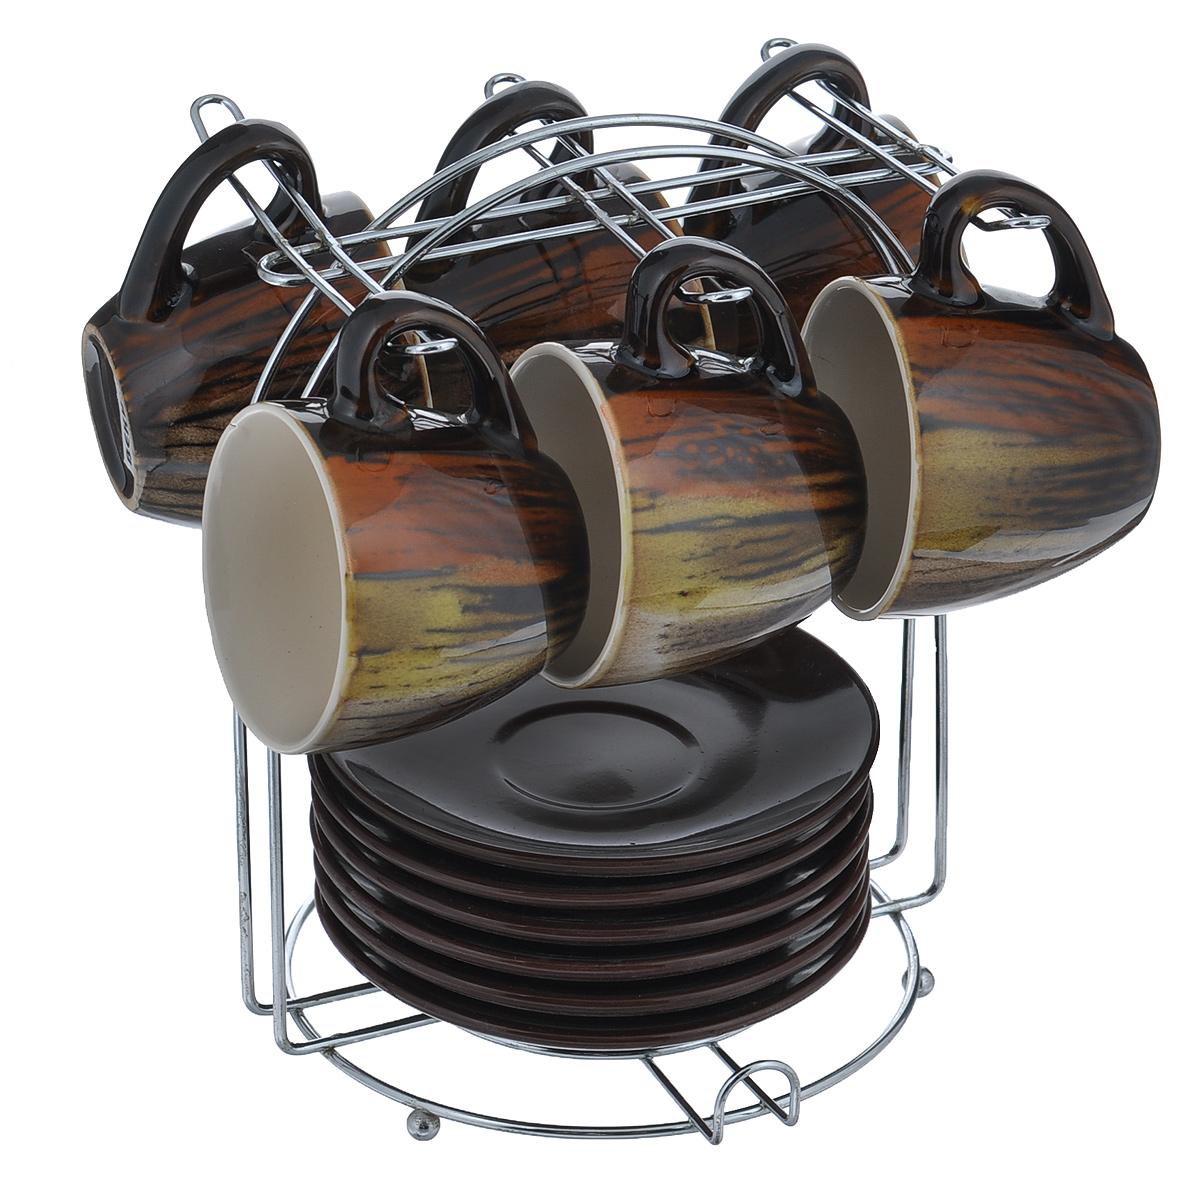 Набор кофейный Bekker Koch, цвет: коричневый, 13 предметовBK-6808Набор кофейный Bekker Koch изготовлен из жаропрочной керамики. В набор входит: шесть чашек, шесть блюдец и одна подставка. Подставка изготовлена из металла. Кофейный набор на подставке не займет много места. Набор кофейный Bekker Koch украсит ваш праздничный стол и порадует вас и ваших гостей необычным дизайном и изящными формами. Набор станет чудесным подарком к любому случаю. Можно мыть в посудомоечной машите. Диаметр чашки: 6,5 см. Высота чашки: 6 см. Диаметр блюдца: 11 см. Объем чашки: 90 мл. Размер подставки: 12 см х 16 см х 17 см.